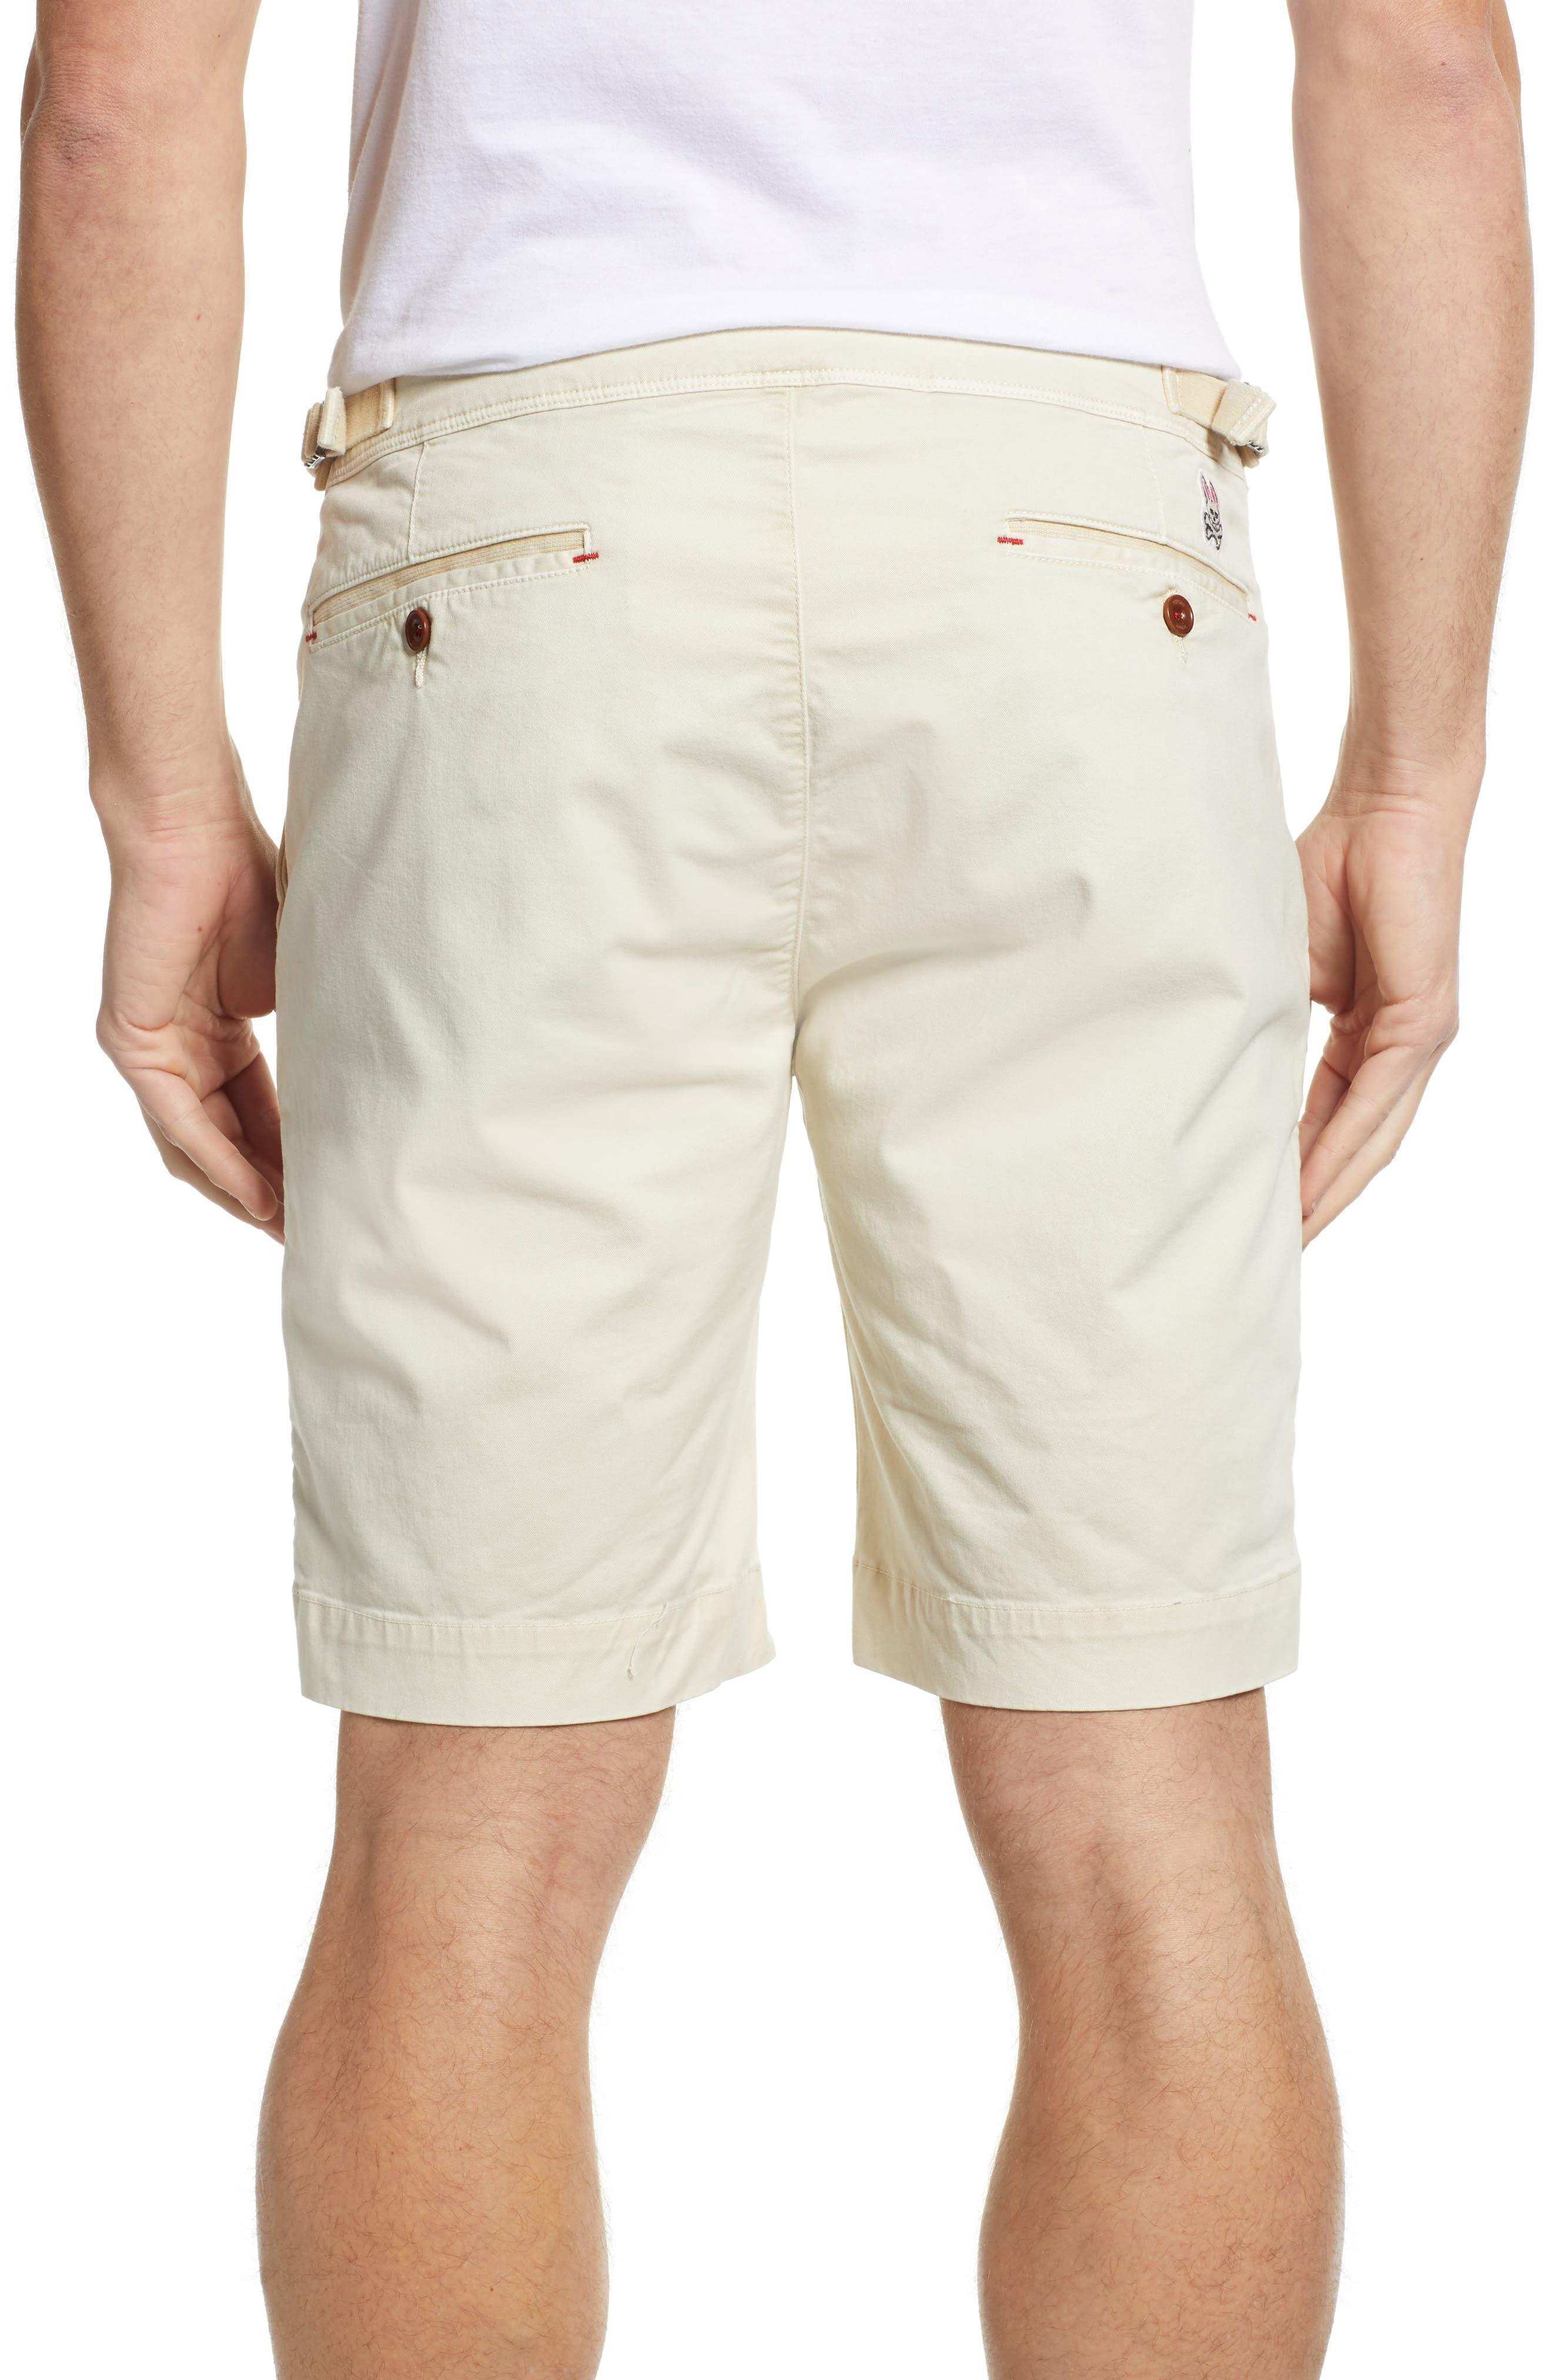 Triumph Shorts,                             Alternate thumbnail 2, color,                             130